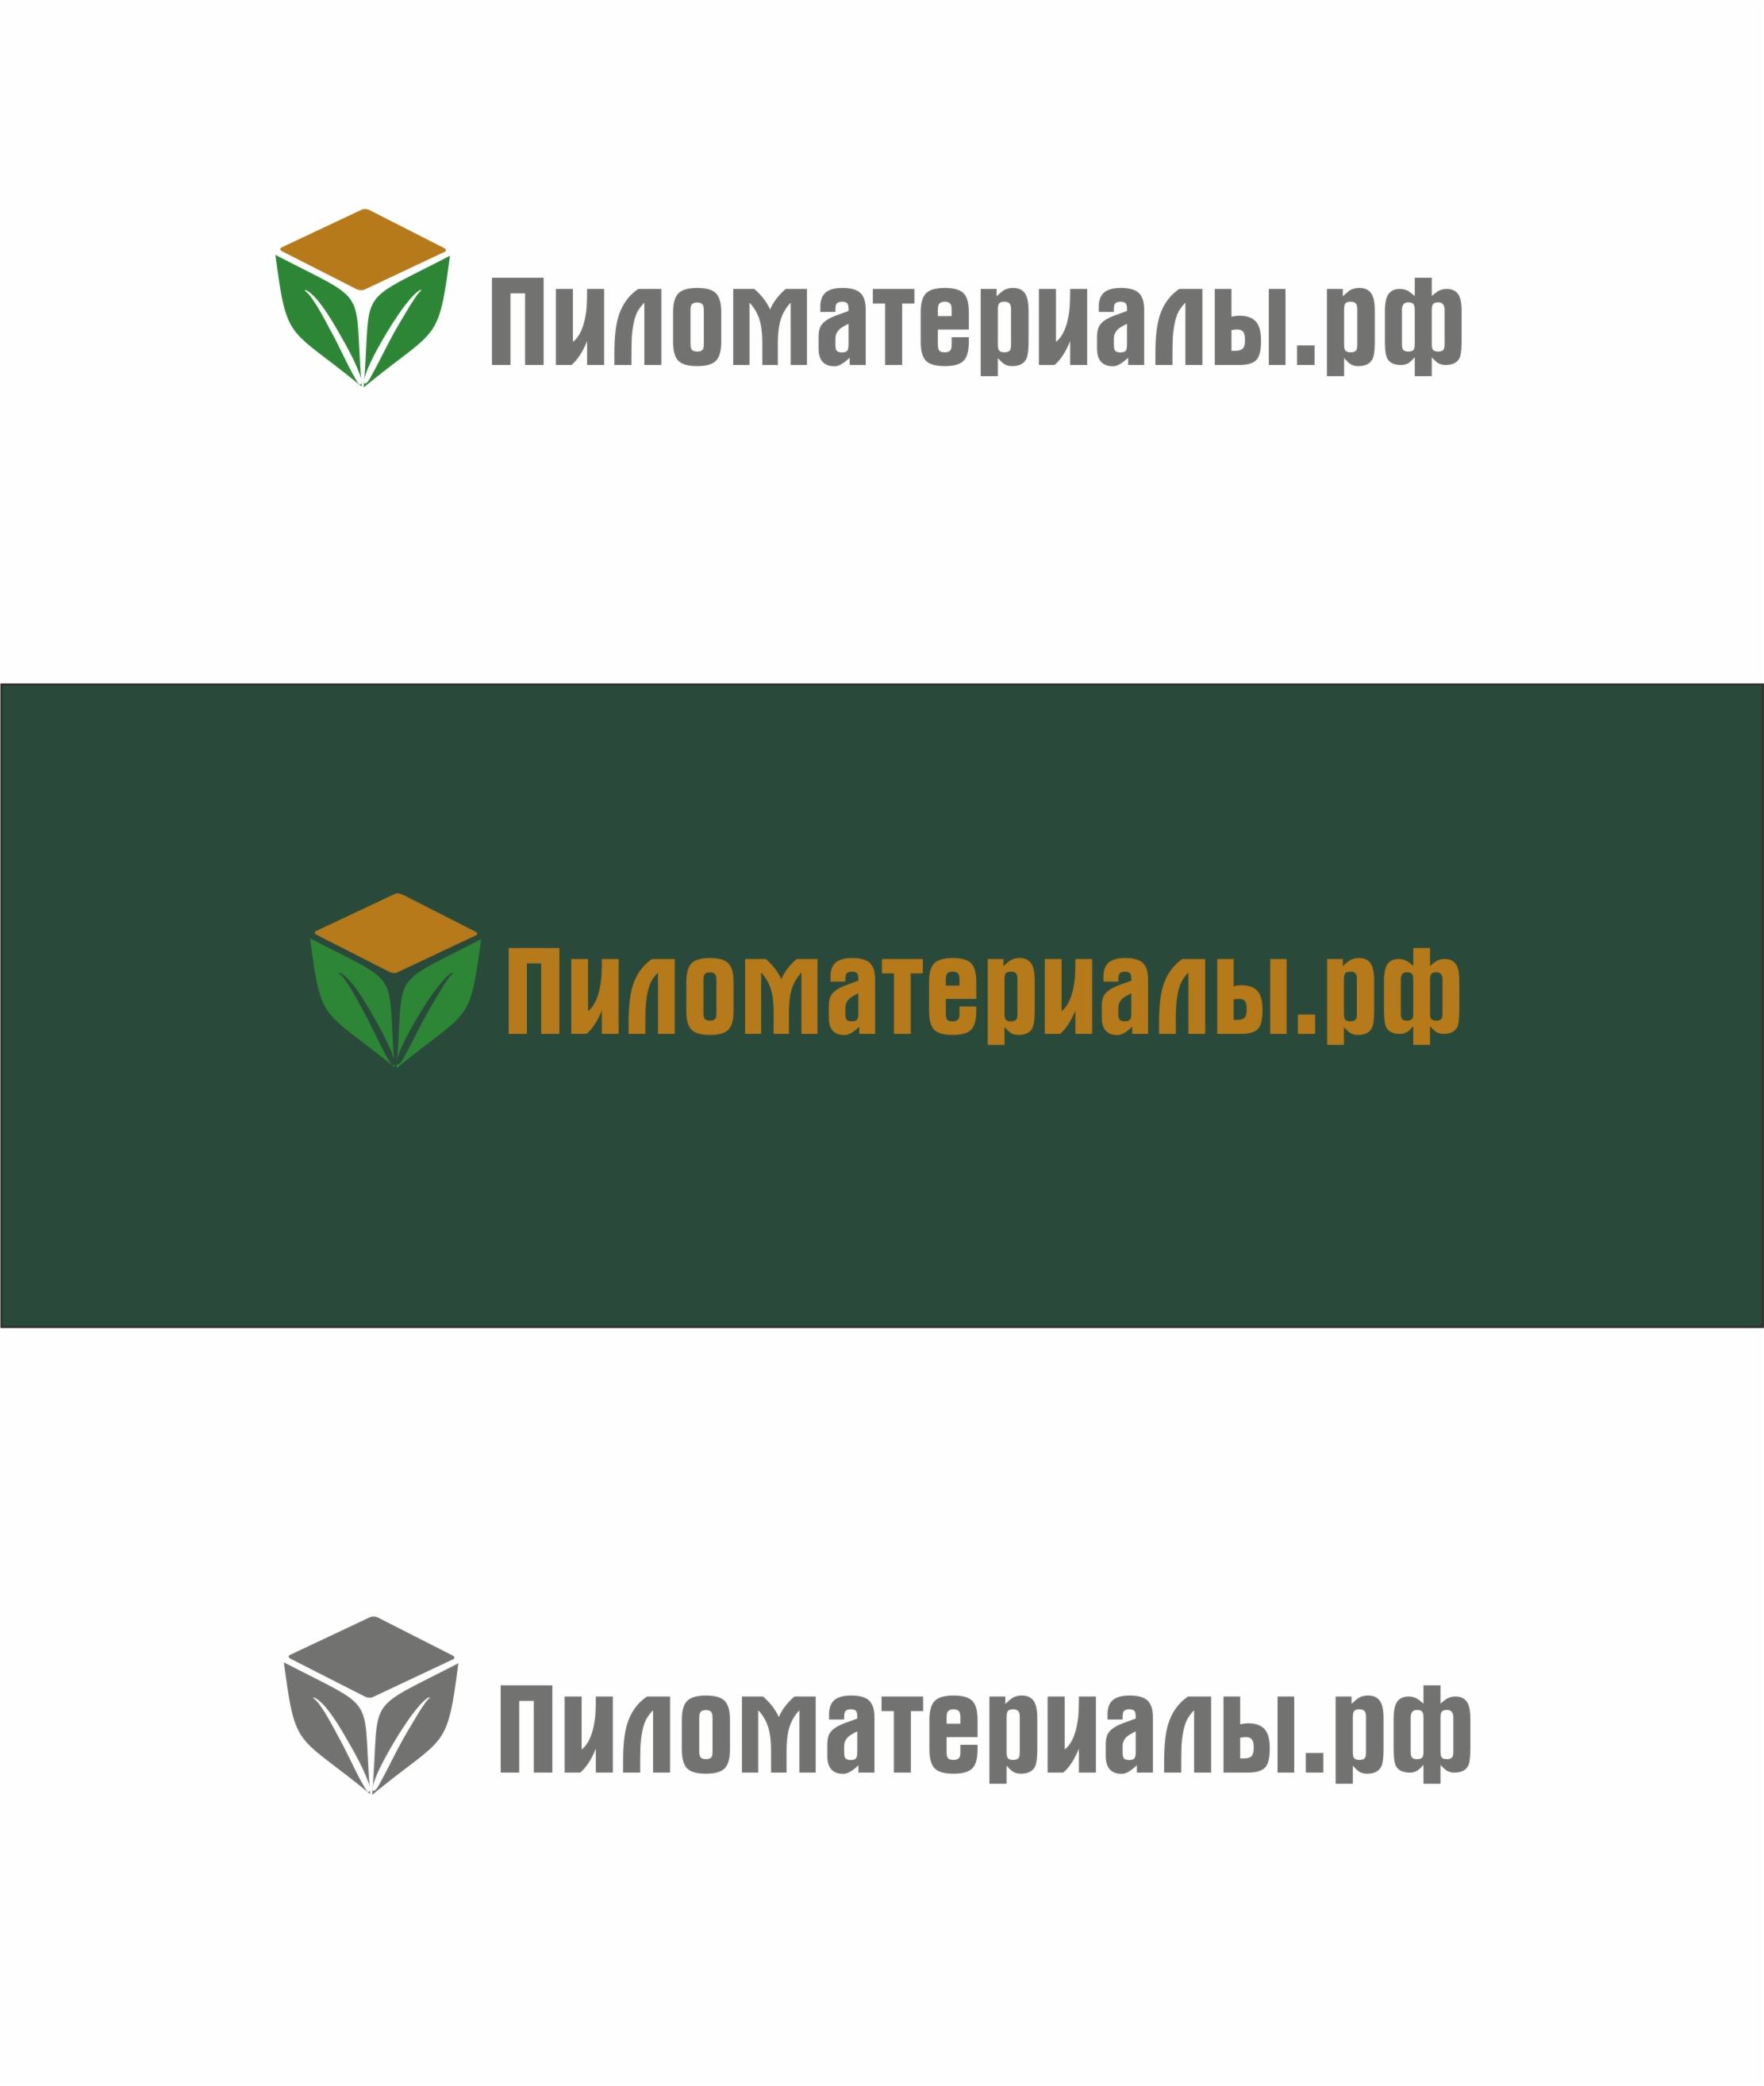 """Создание логотипа и фирменного стиля """"Пиломатериалы.РФ"""" фото f_89052f7fb39b91d8.jpg"""